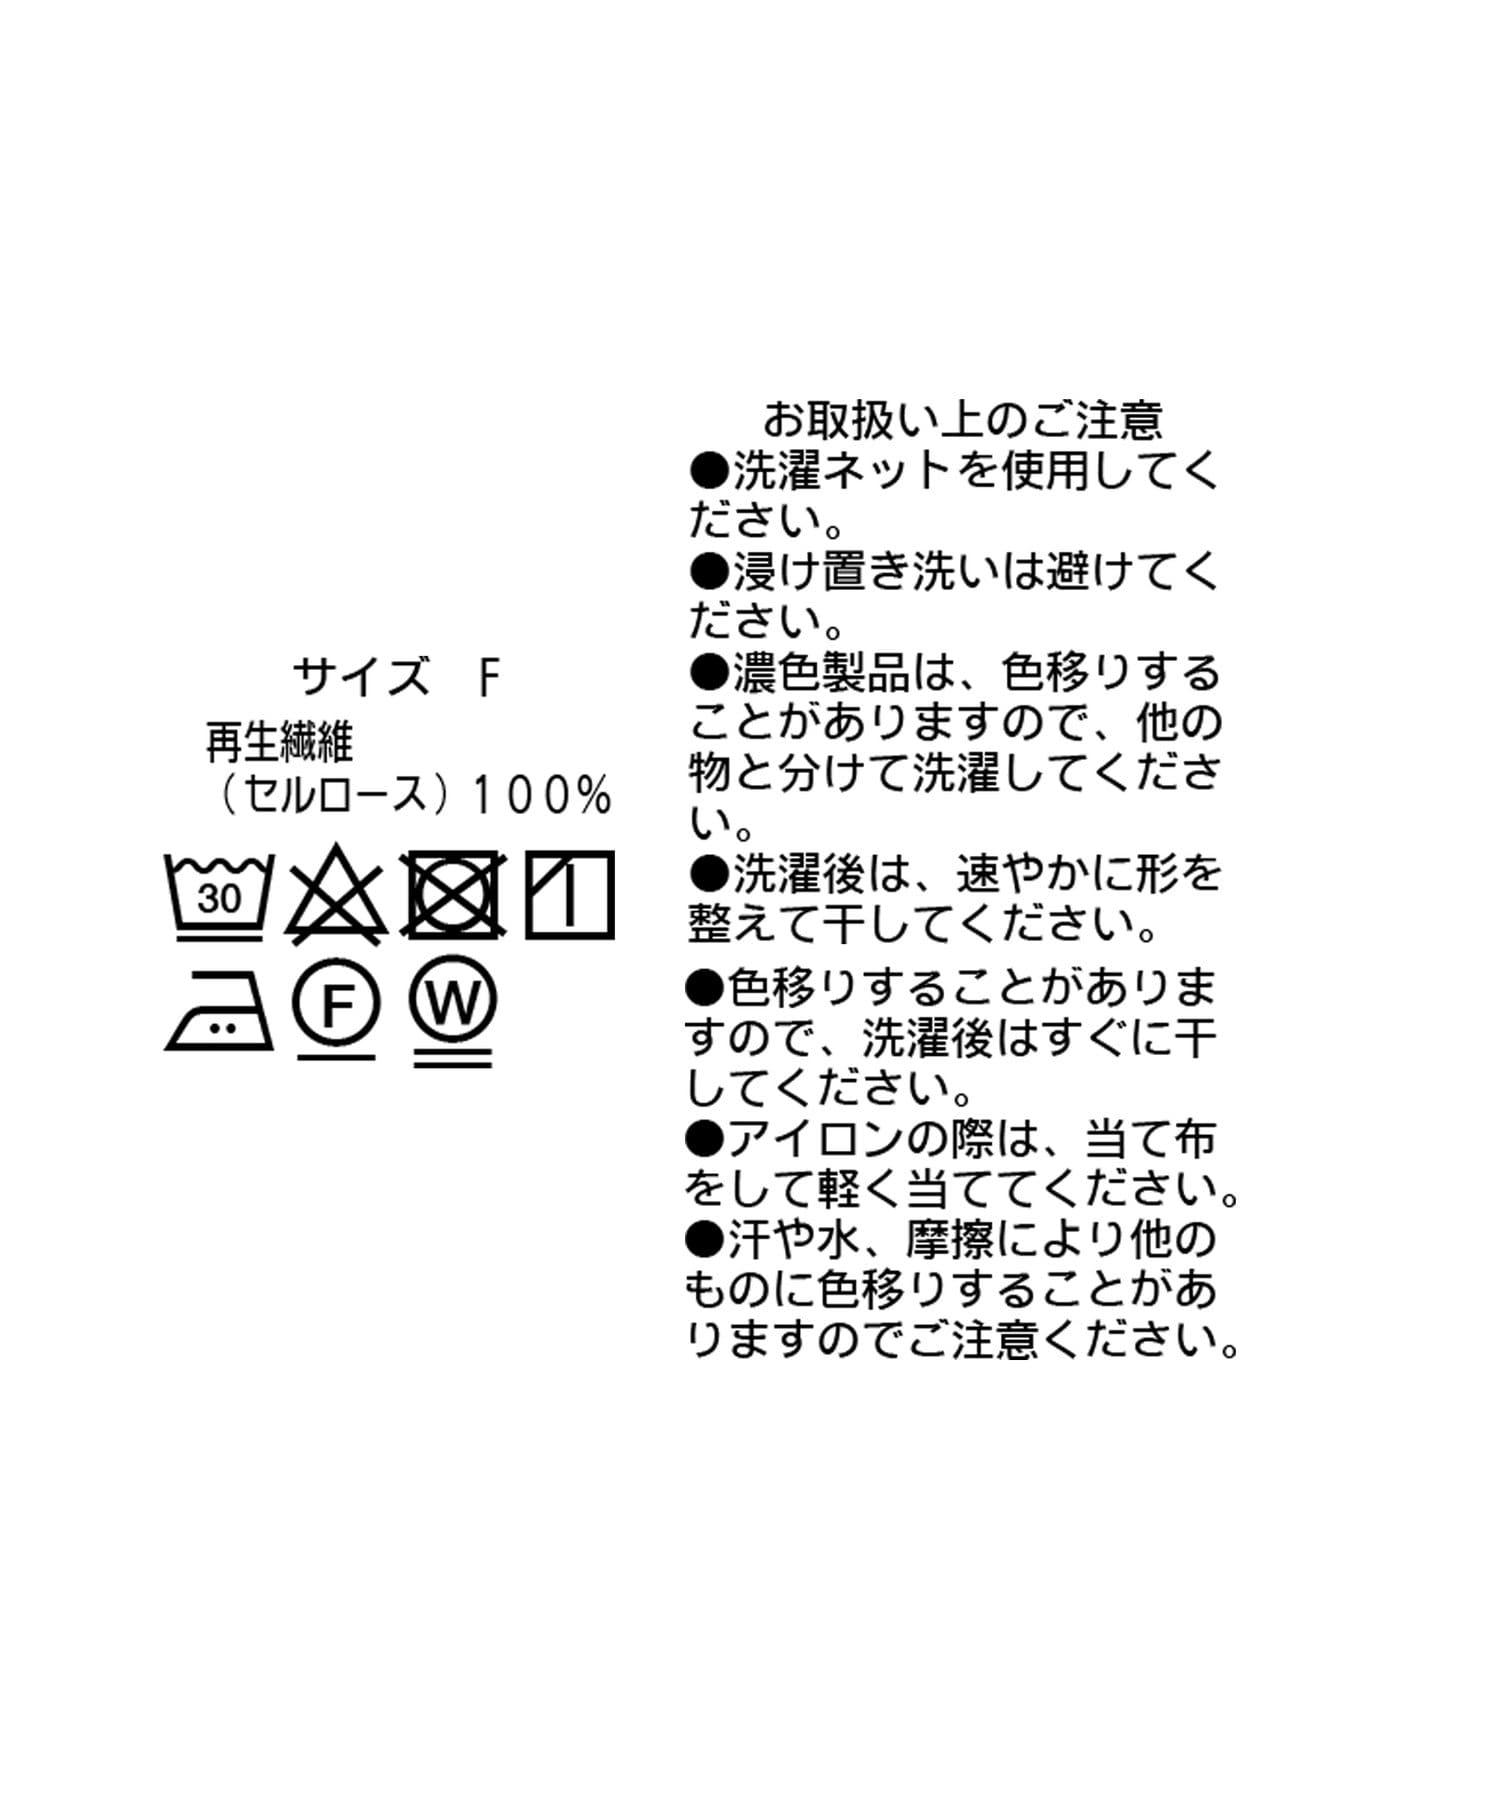 un dix cors(アンディコール) 【《デザイン変化が楽しめる》洗える】2wayバックシャンワンピース